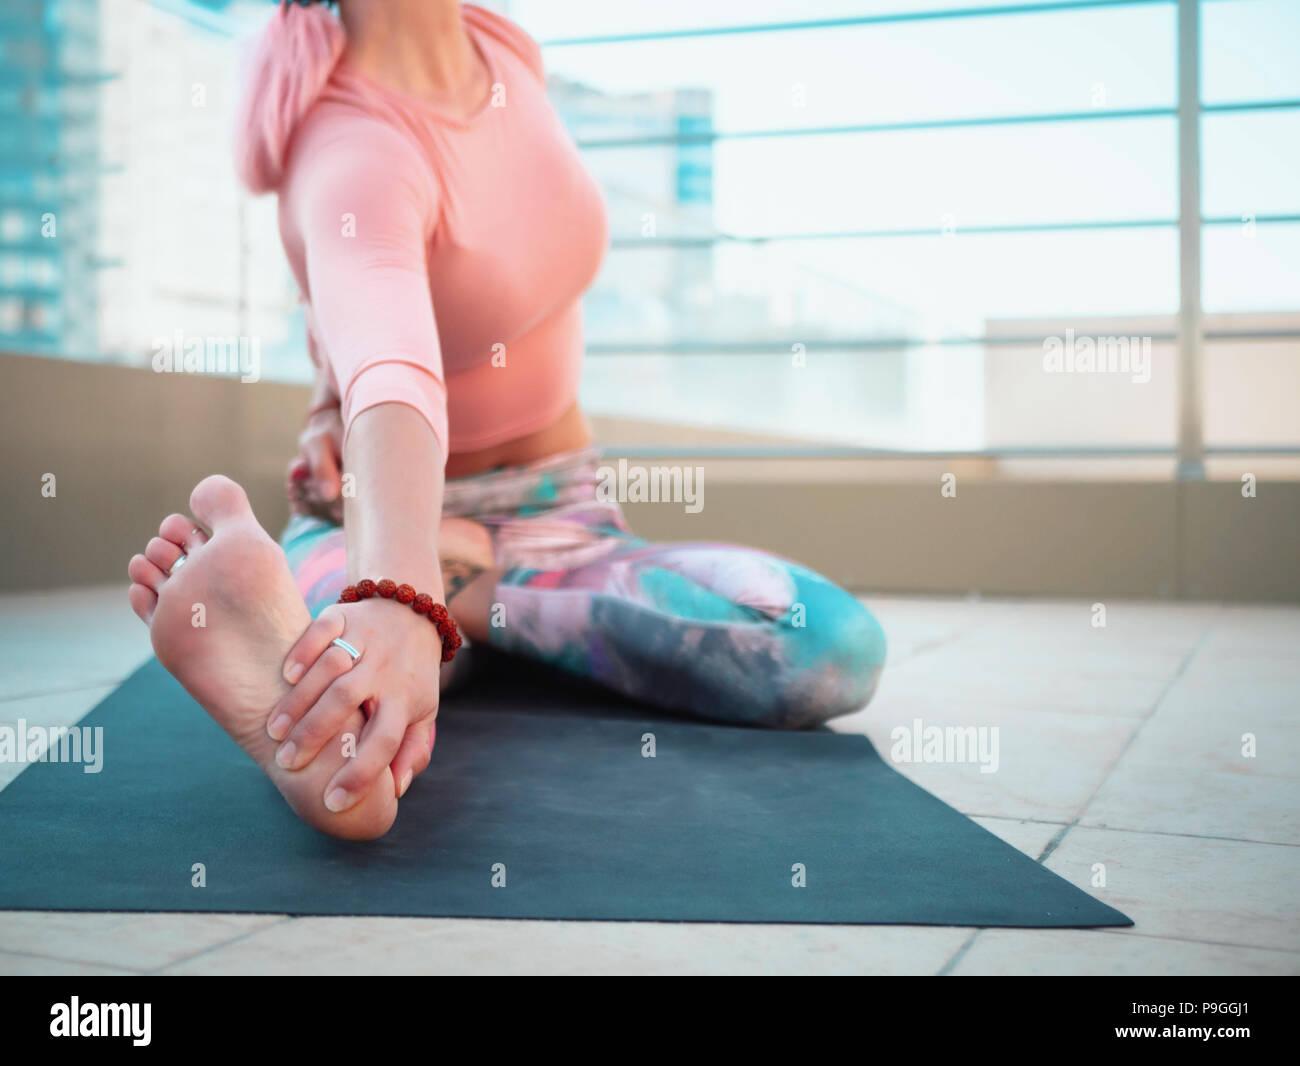 Giovane donna slim con rosa capelli tinti facendo yoga pratica sulla terrazza della città moderna. Ragazza per tenersi in forma e corpo sano relax sulla terrazza sul tetto durante la pratica, rappresentano Foto Stock